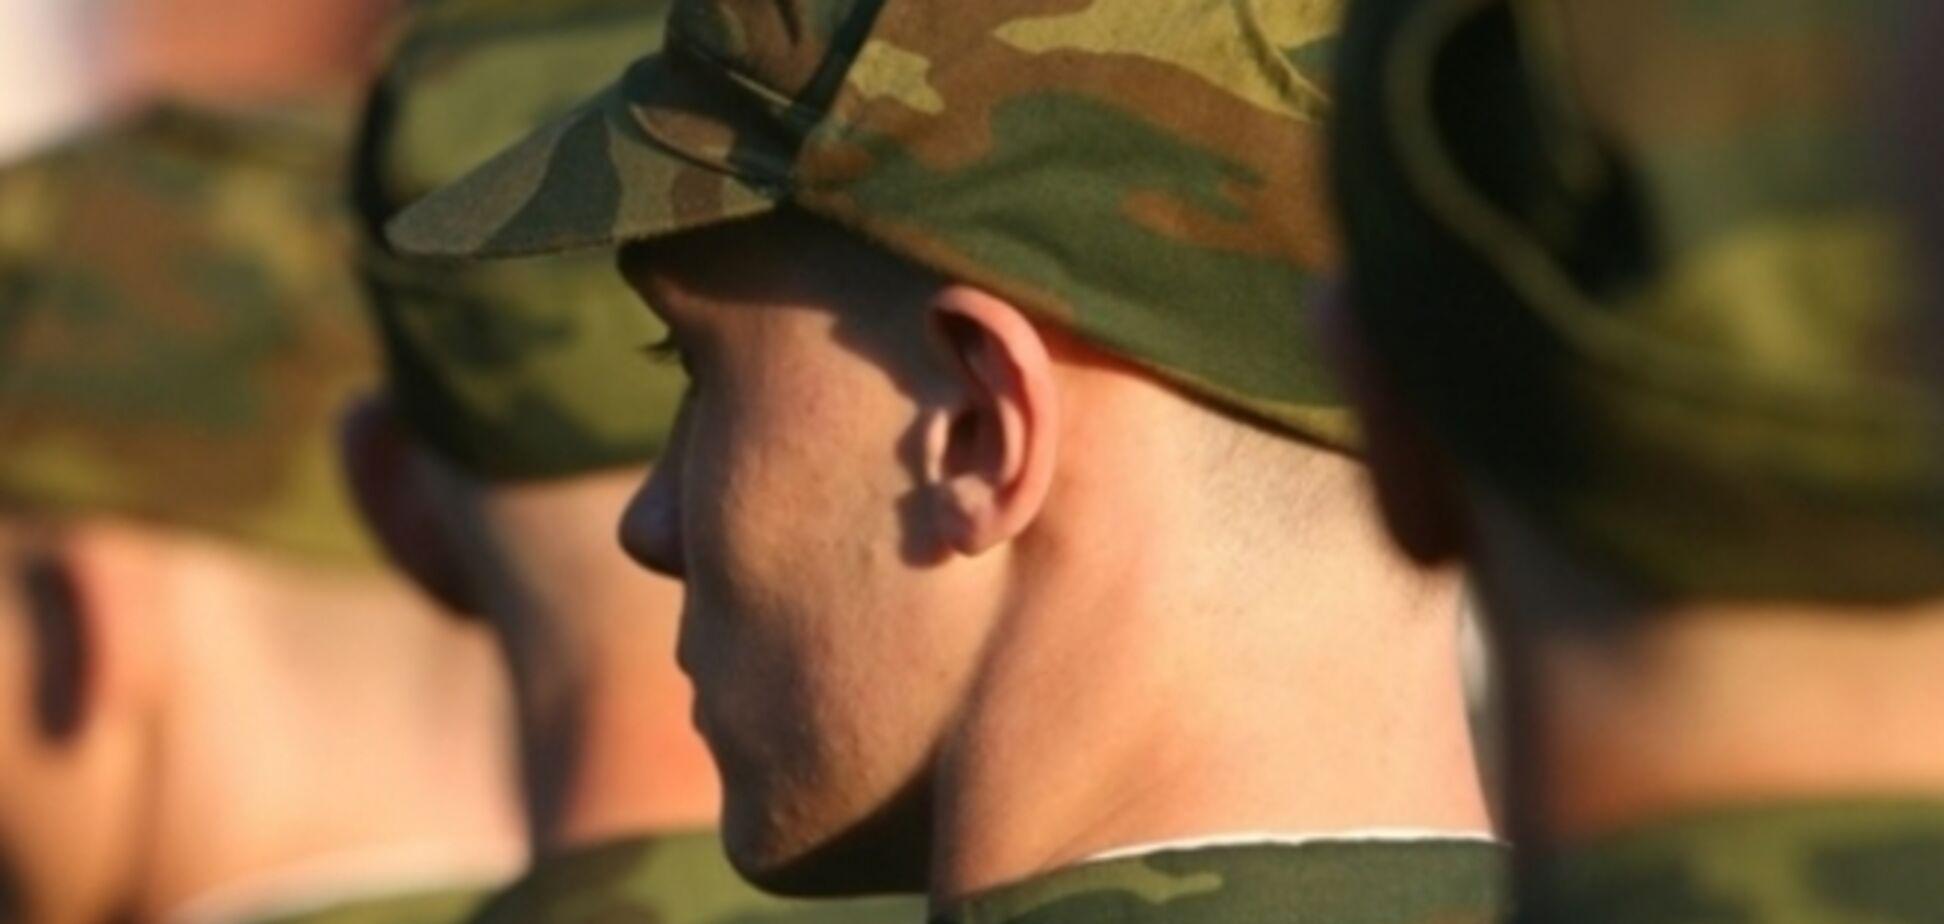 Данные об украинских призывниках Донбасса попали в руки боевиков - Генштаб